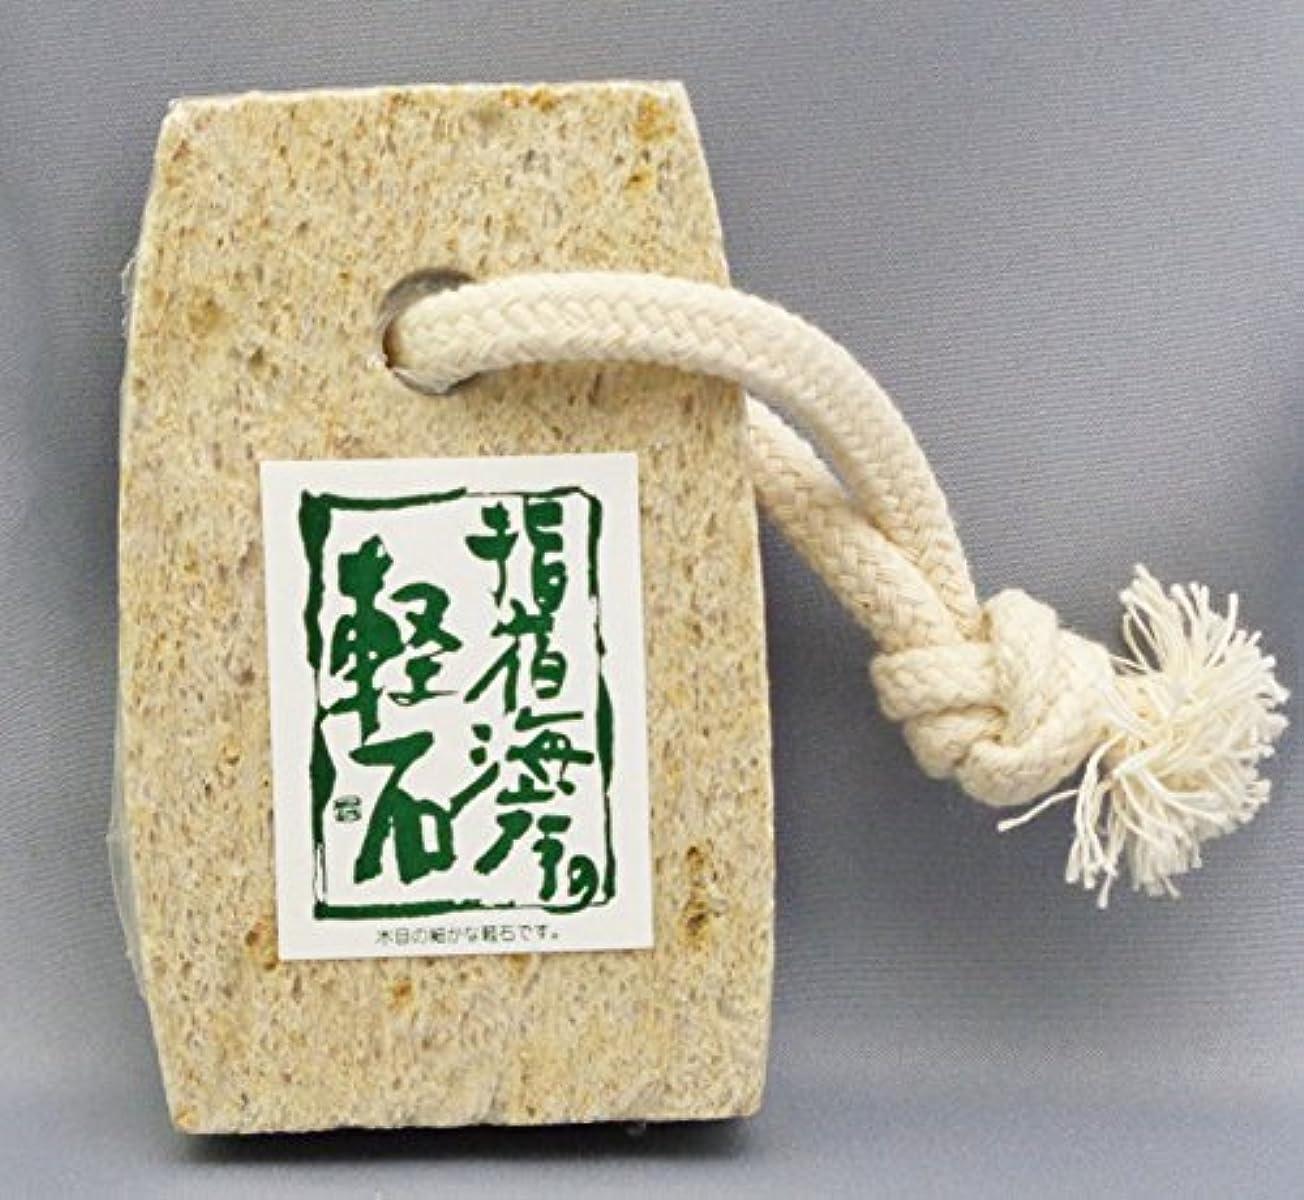 電話する頑張るクレーターシオザキ No.3 中判軽石 (ヒモ付き)指宿の軽石